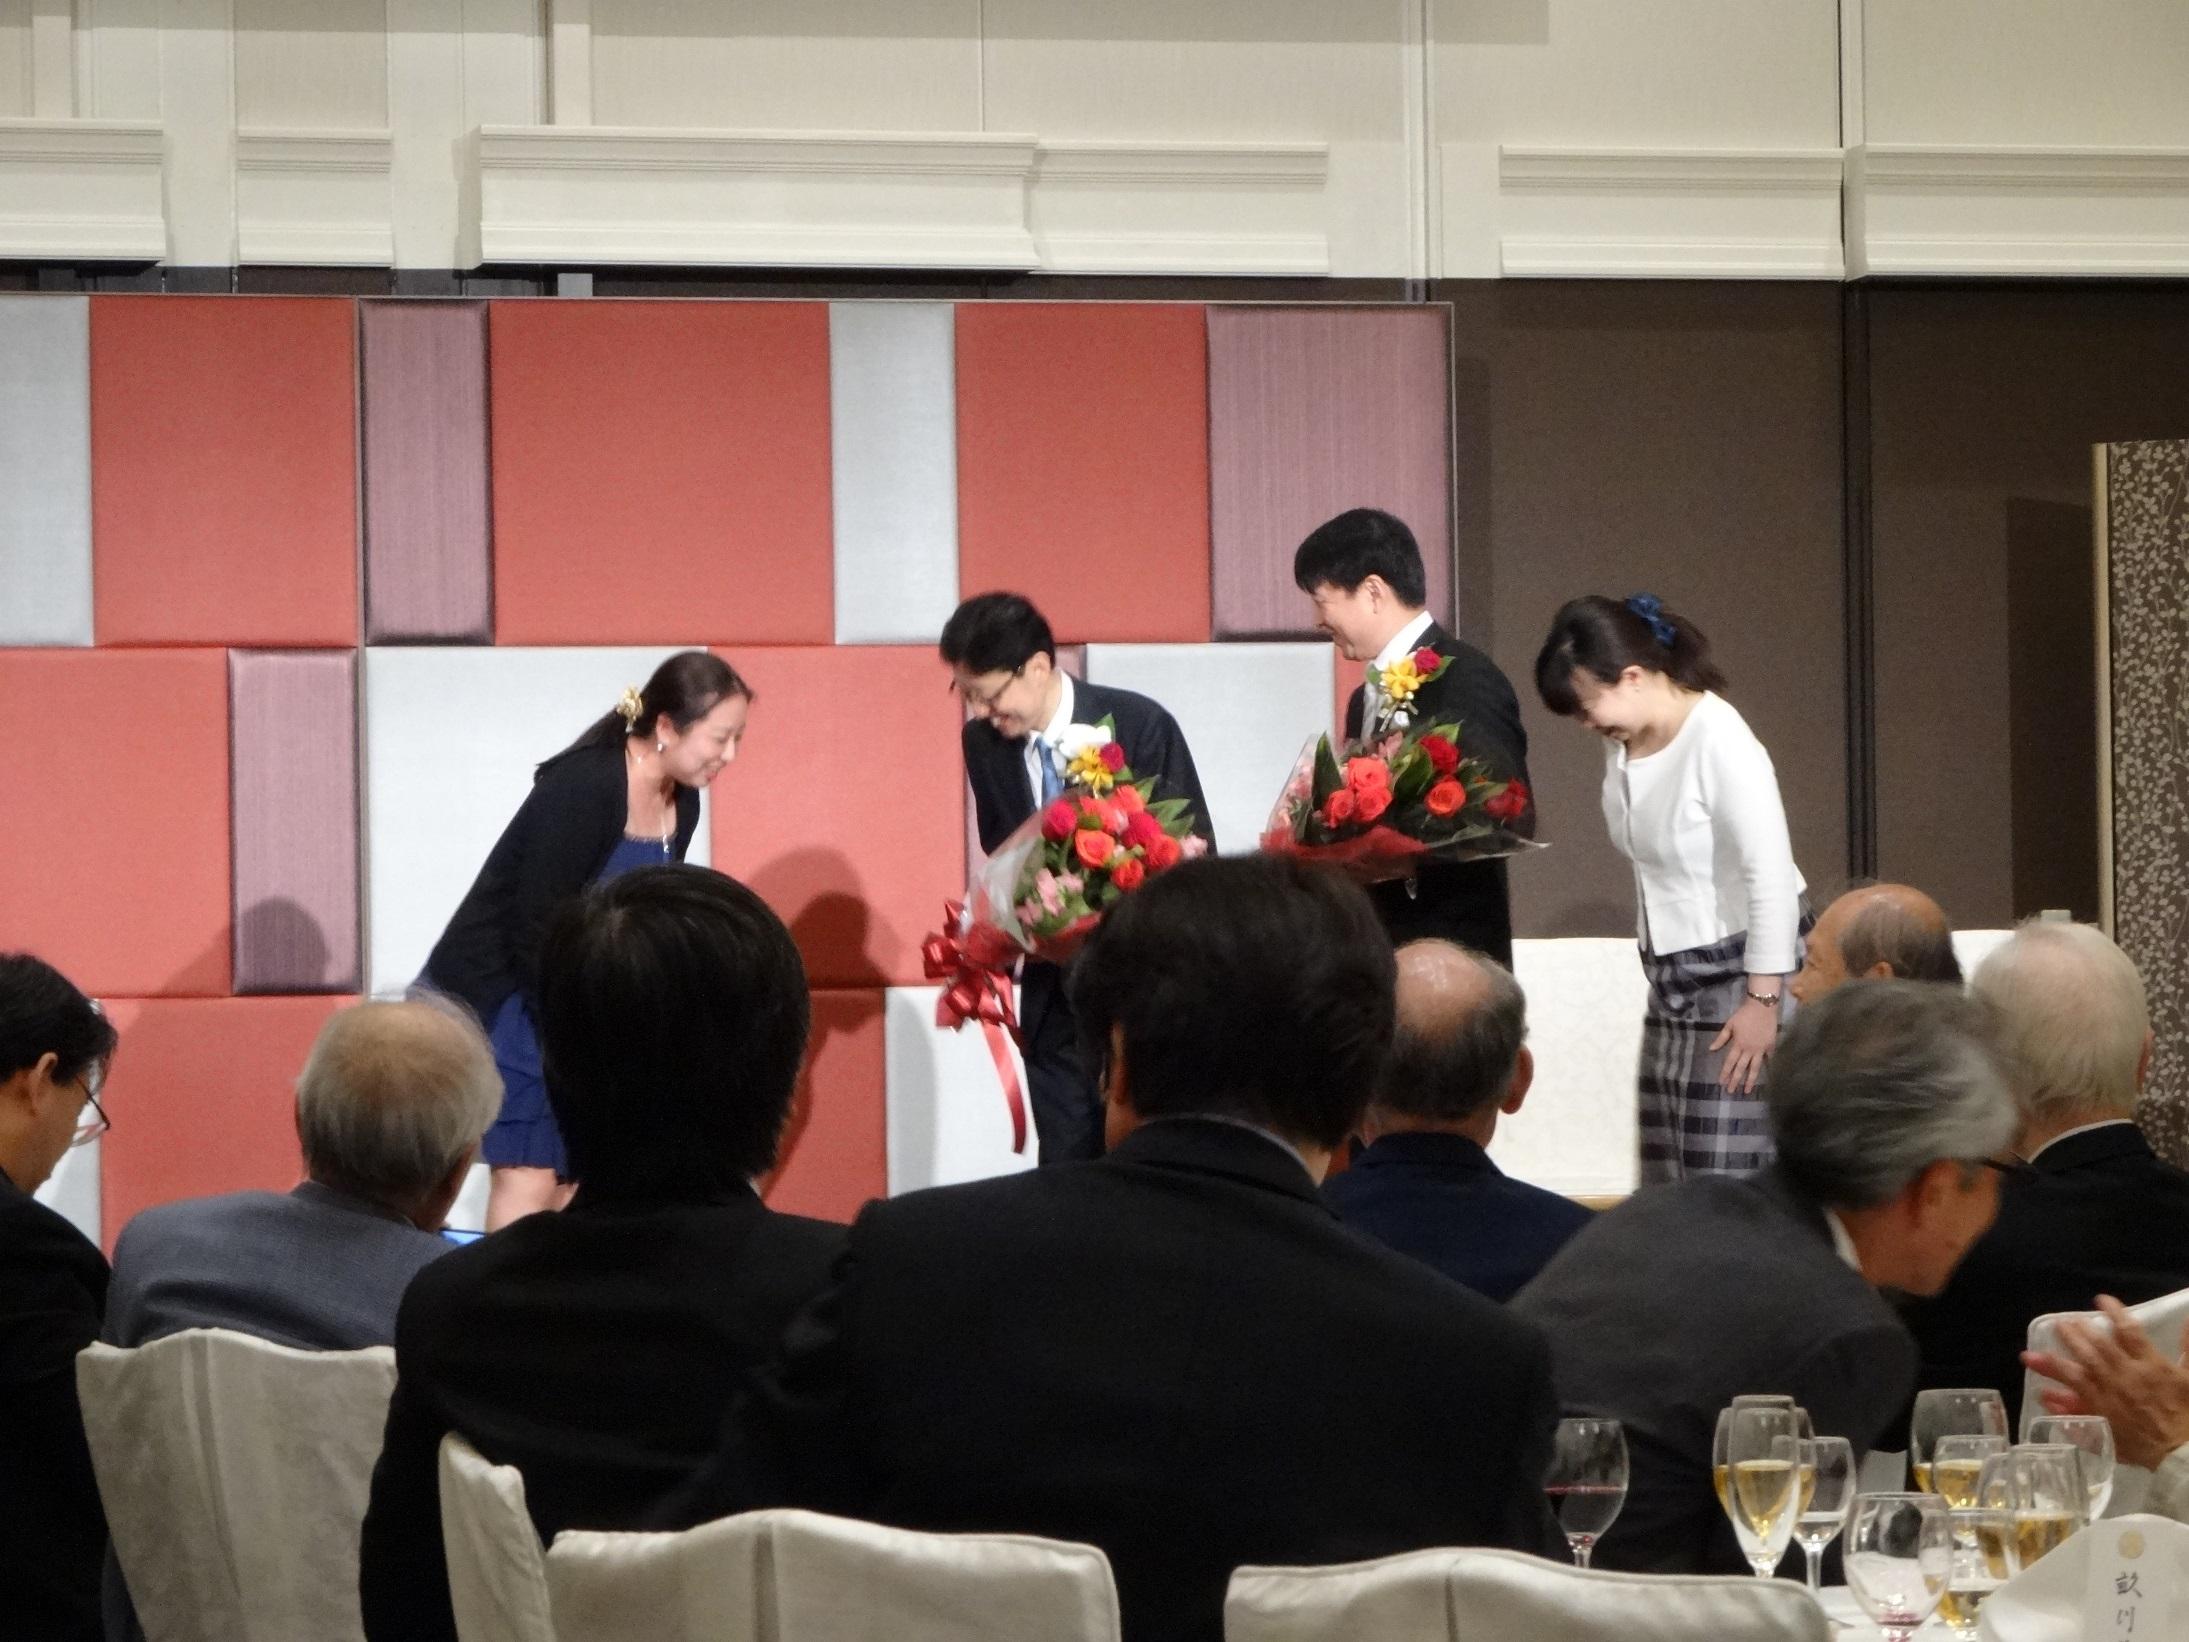 宮原信明先生,辻晃仁先生教授就任祝賀会(花束贈呈)